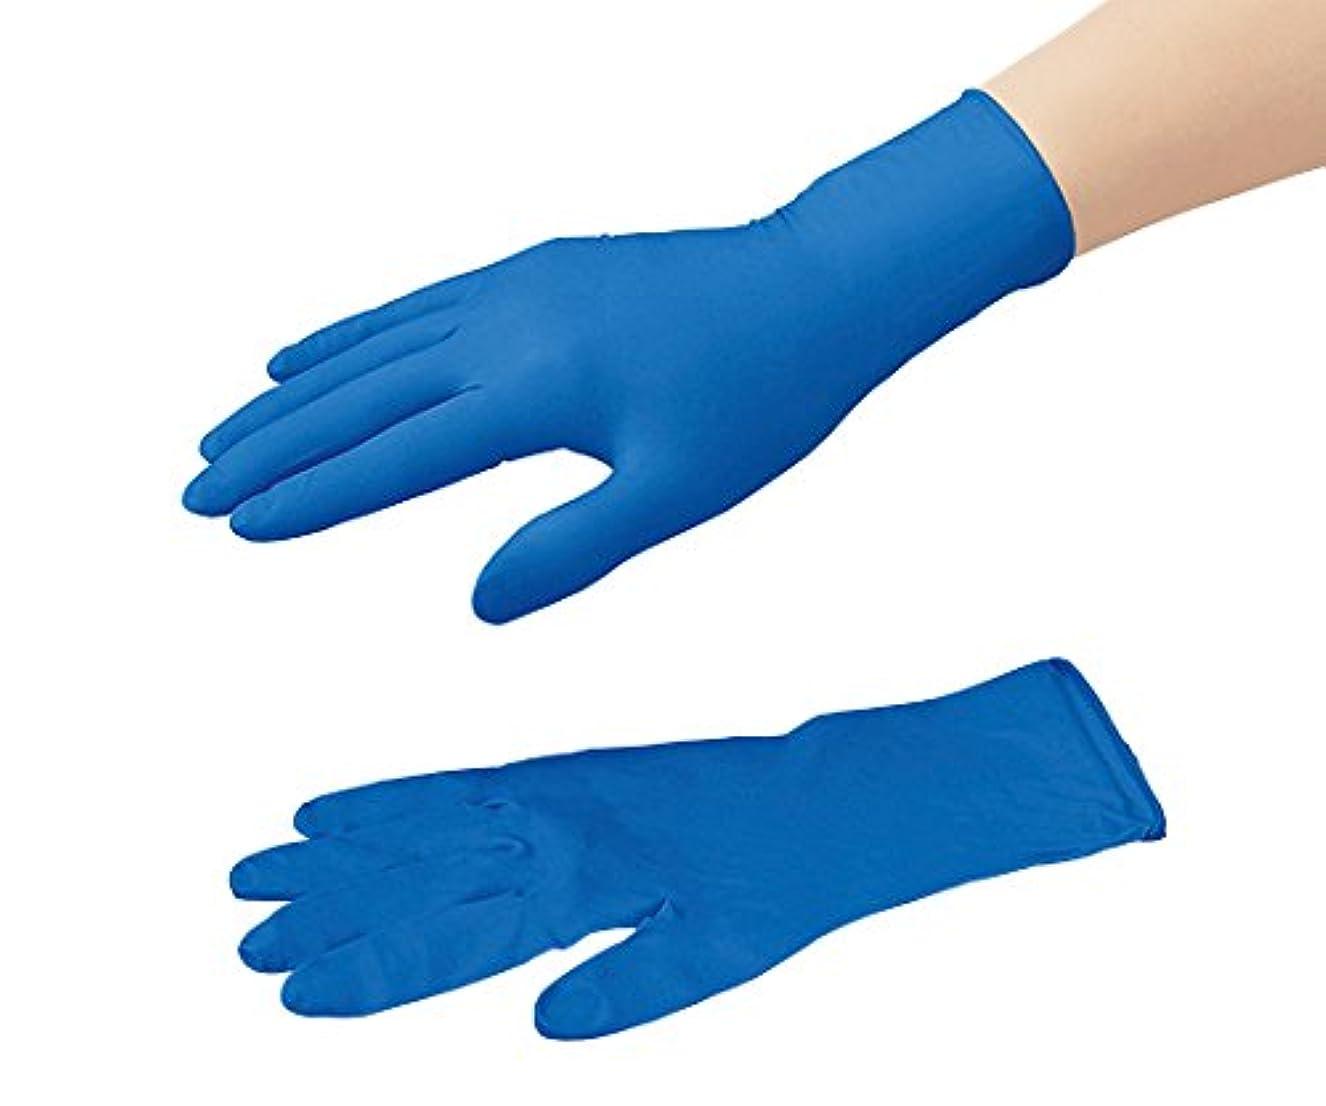 文庫本発行ファイルアズワン2-9878-04ニトリル手袋(HYDREX(R))L50枚入